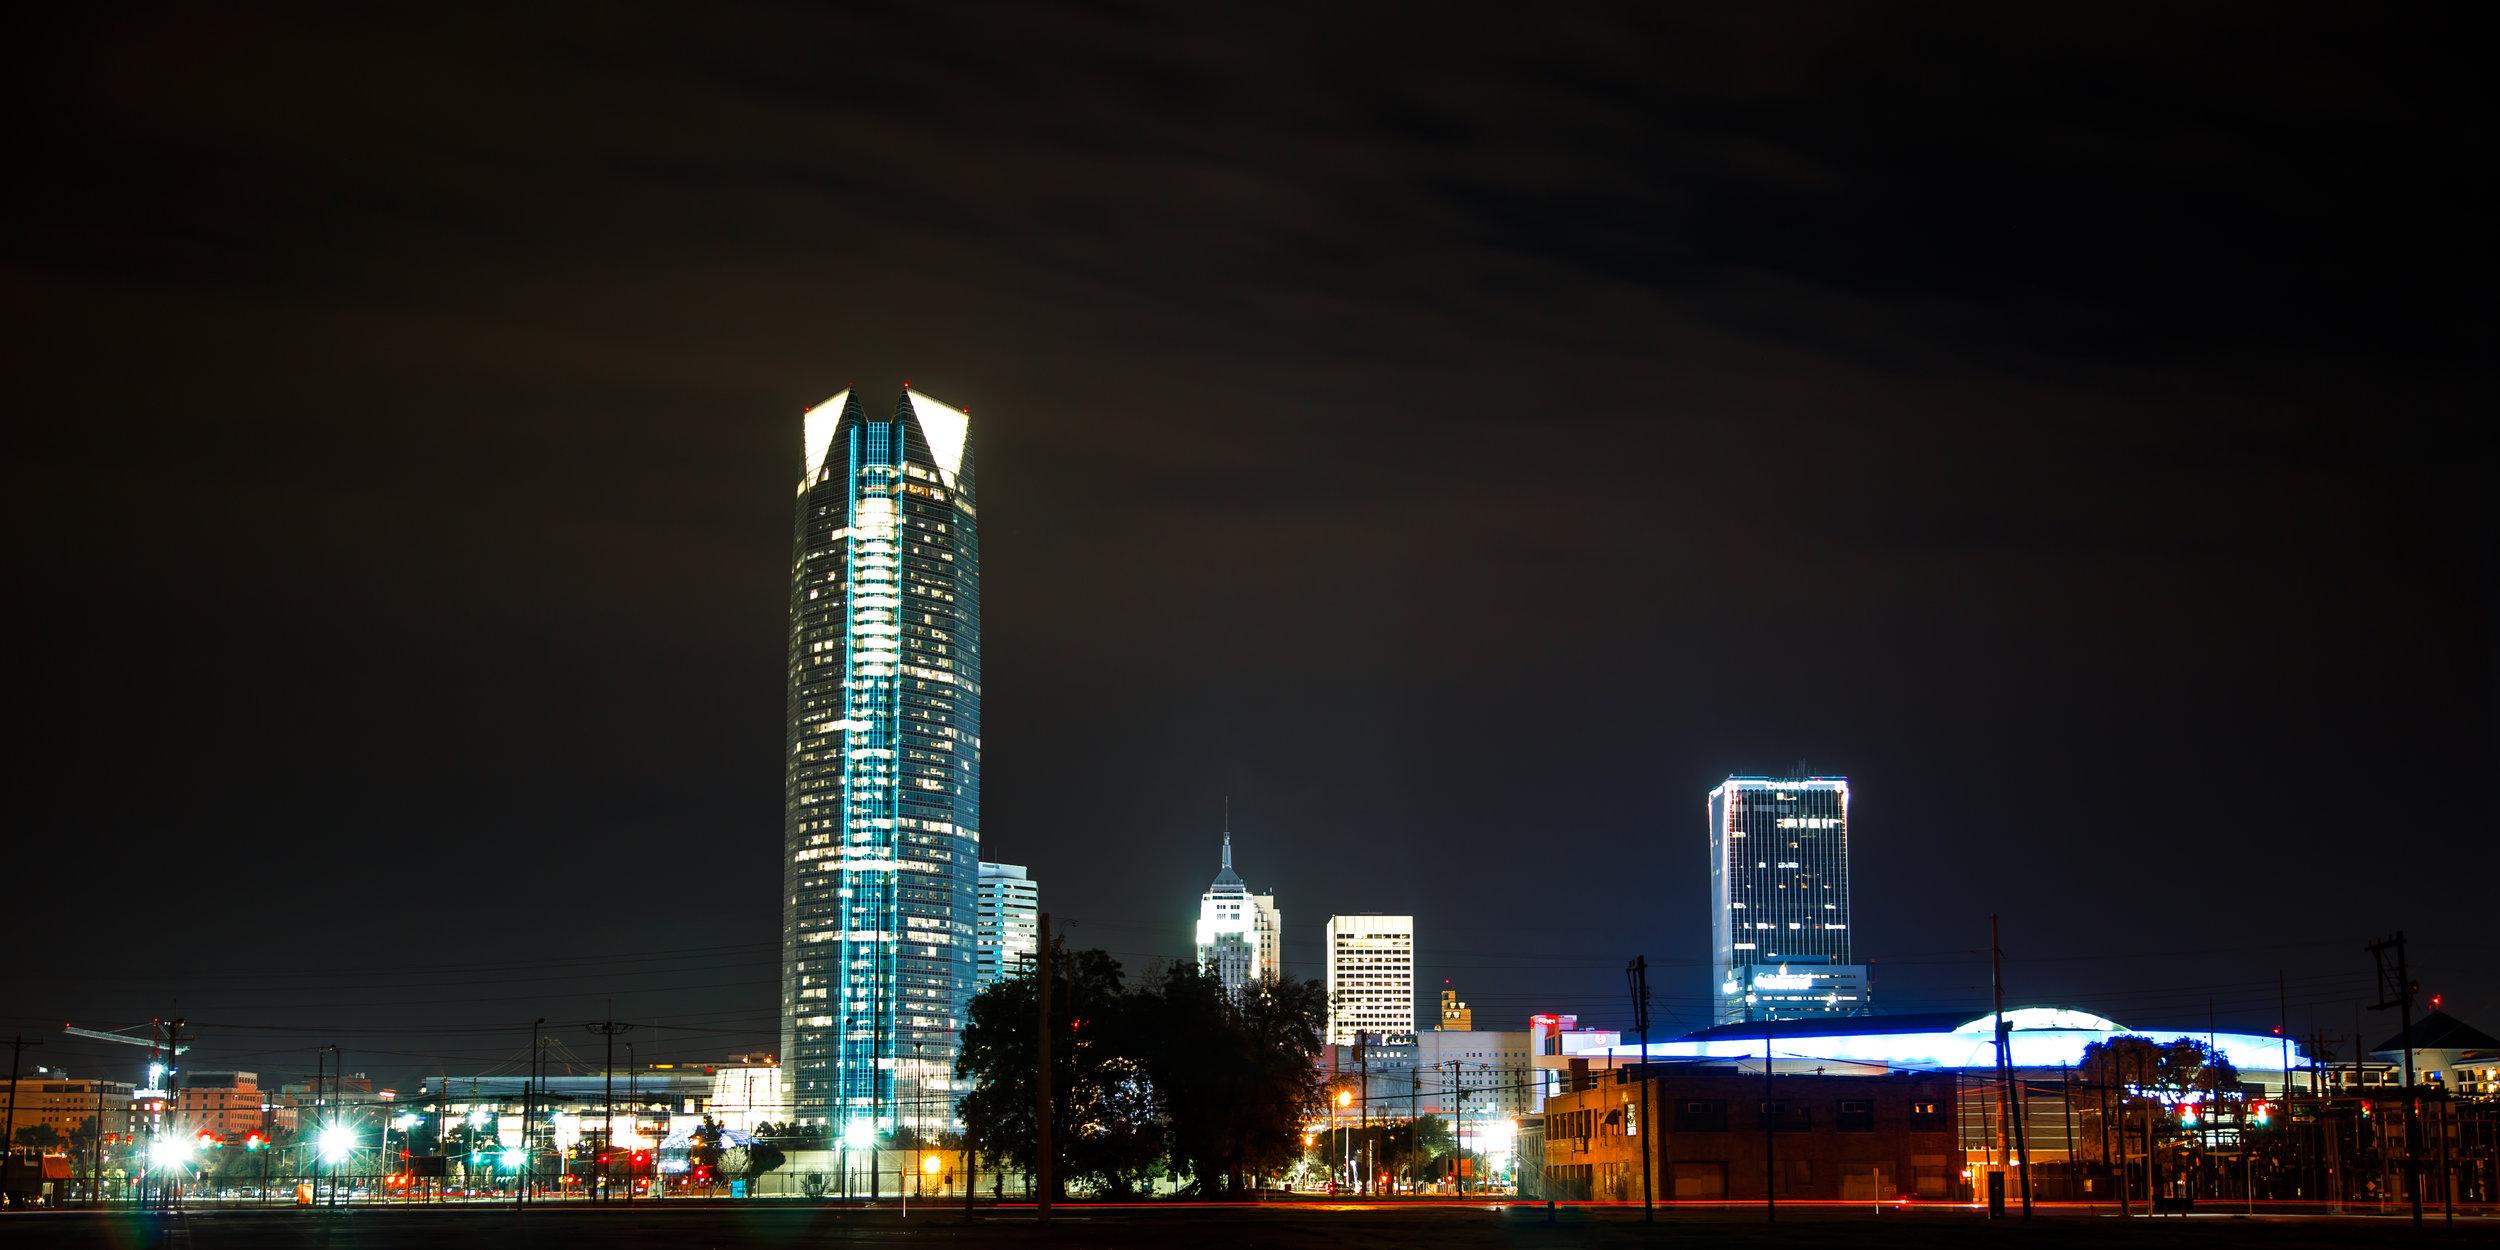 oklahoma city skyline at night downtown long exposure.jpg